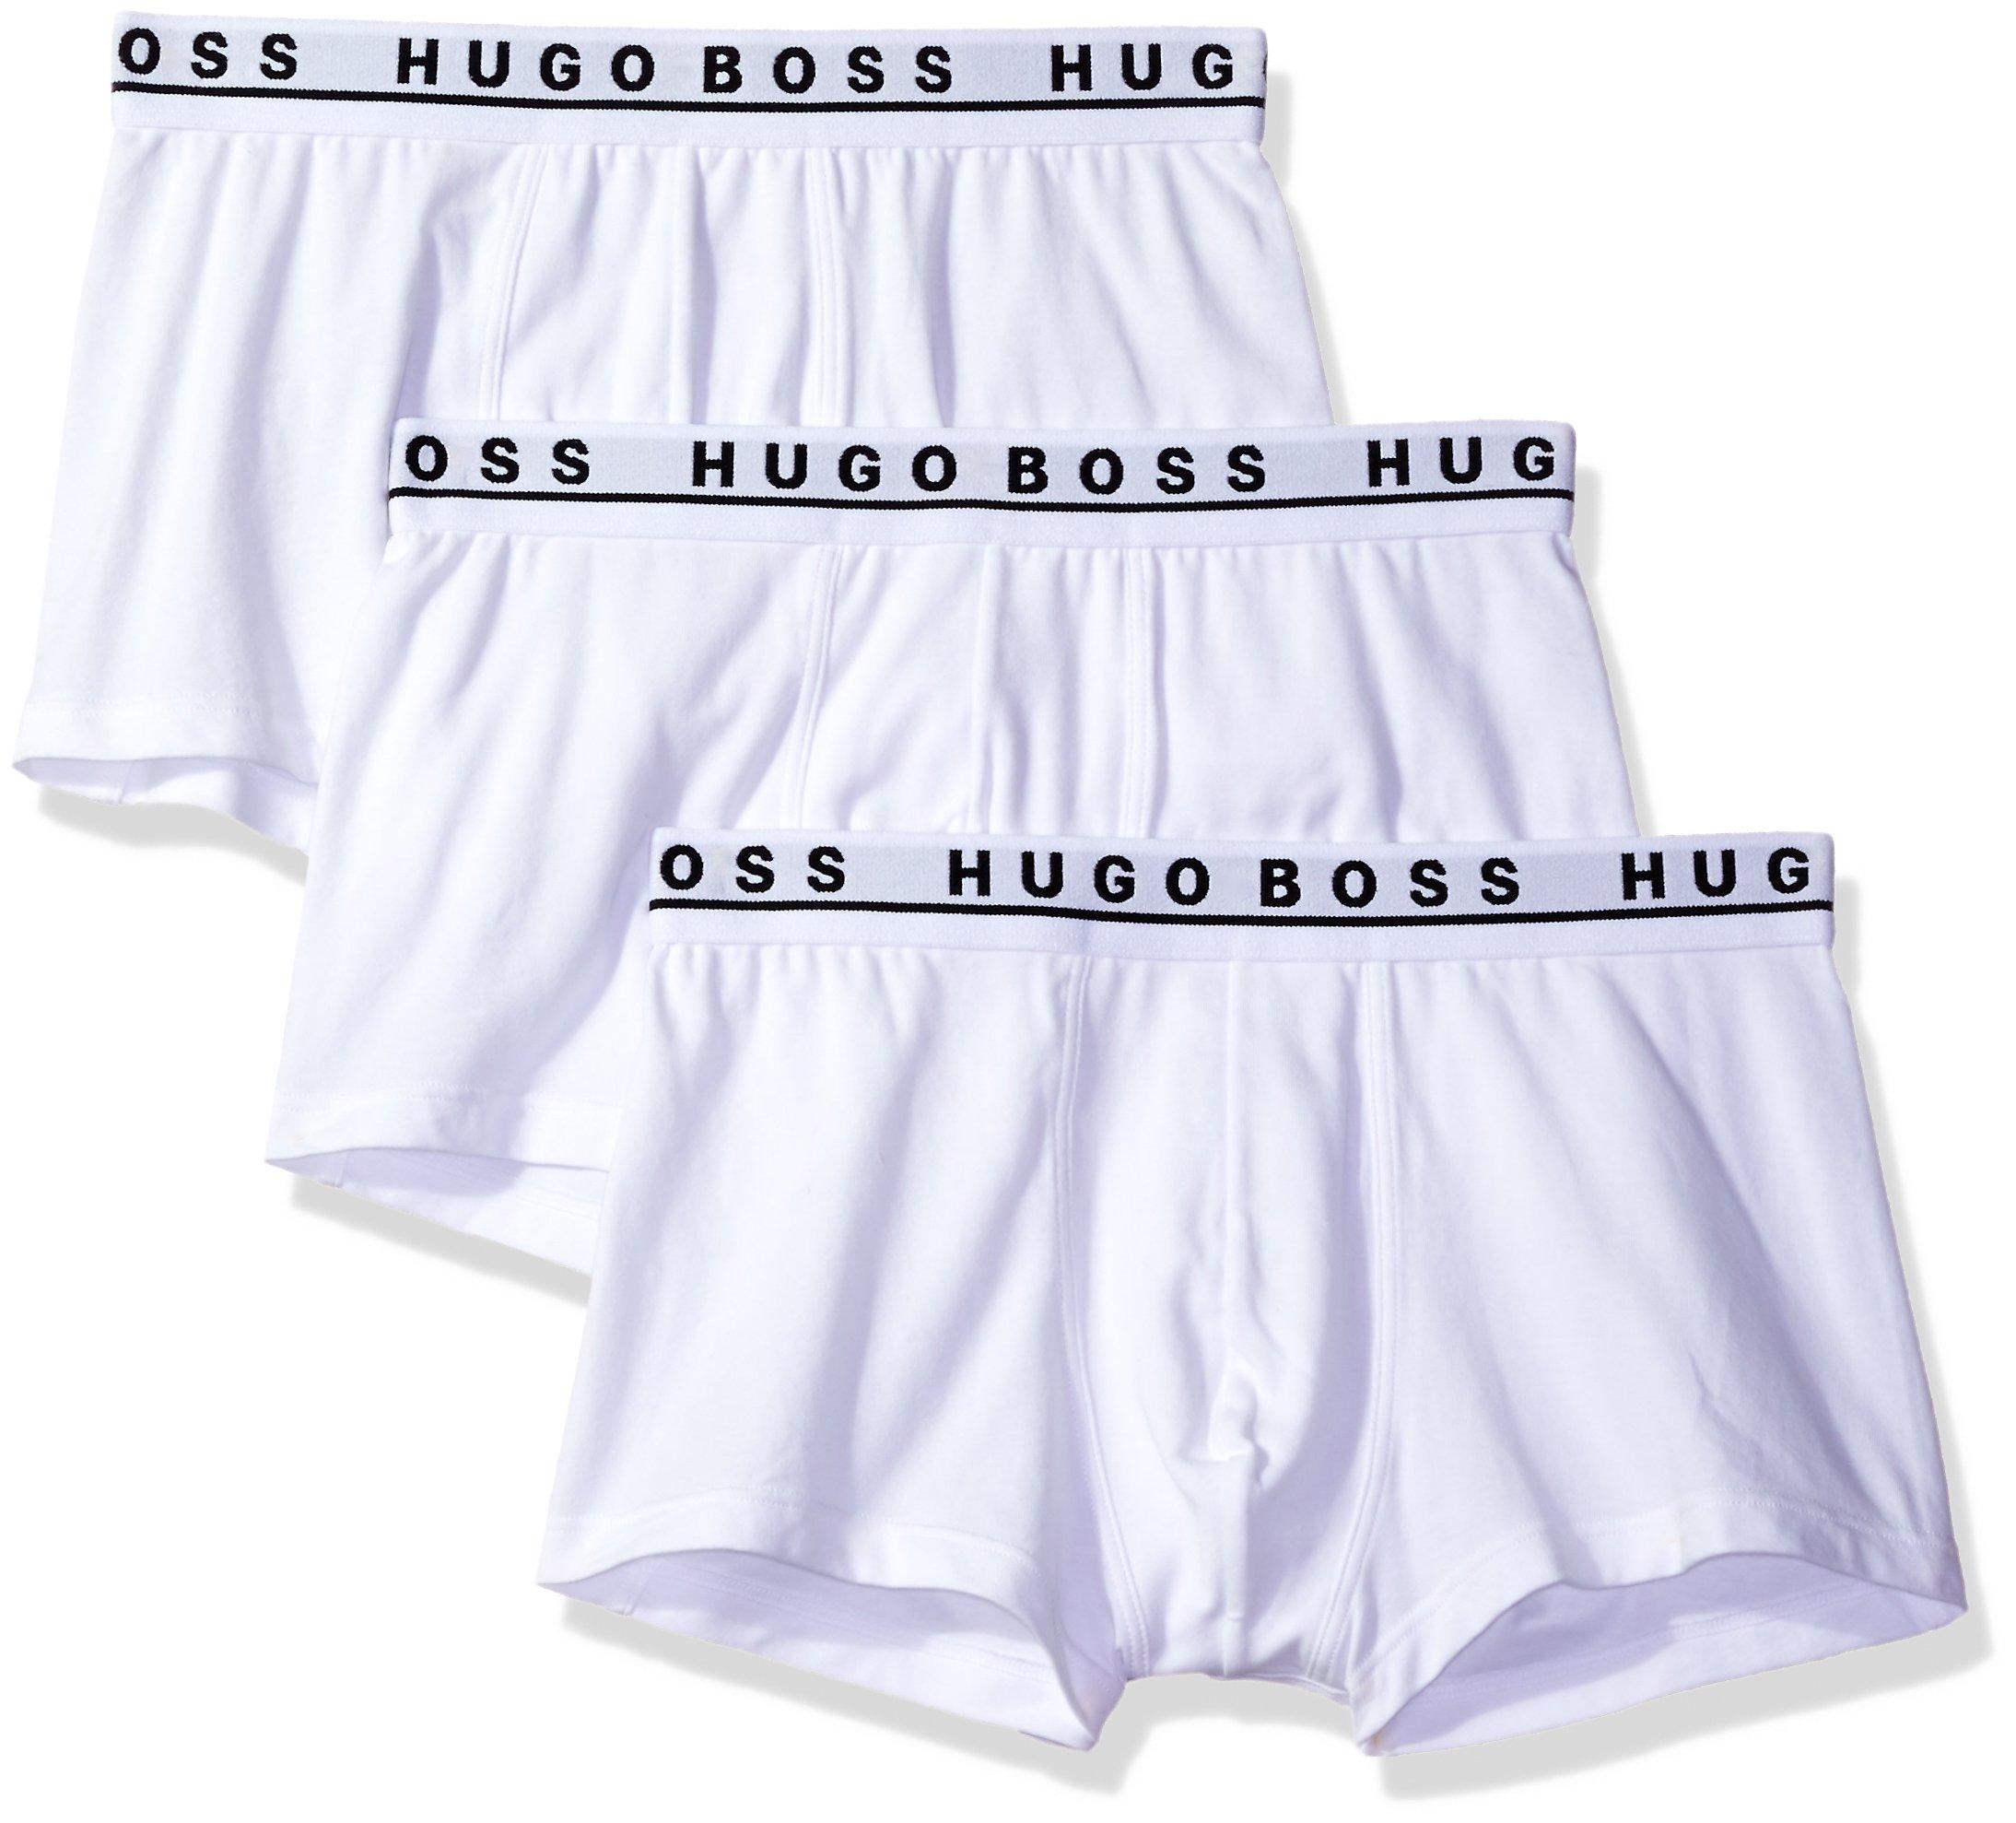 Hugo Boss BOSS Men's 3-Pack Stretch Cotton Regular Fit Trunks, White, Medium by Hugo Boss